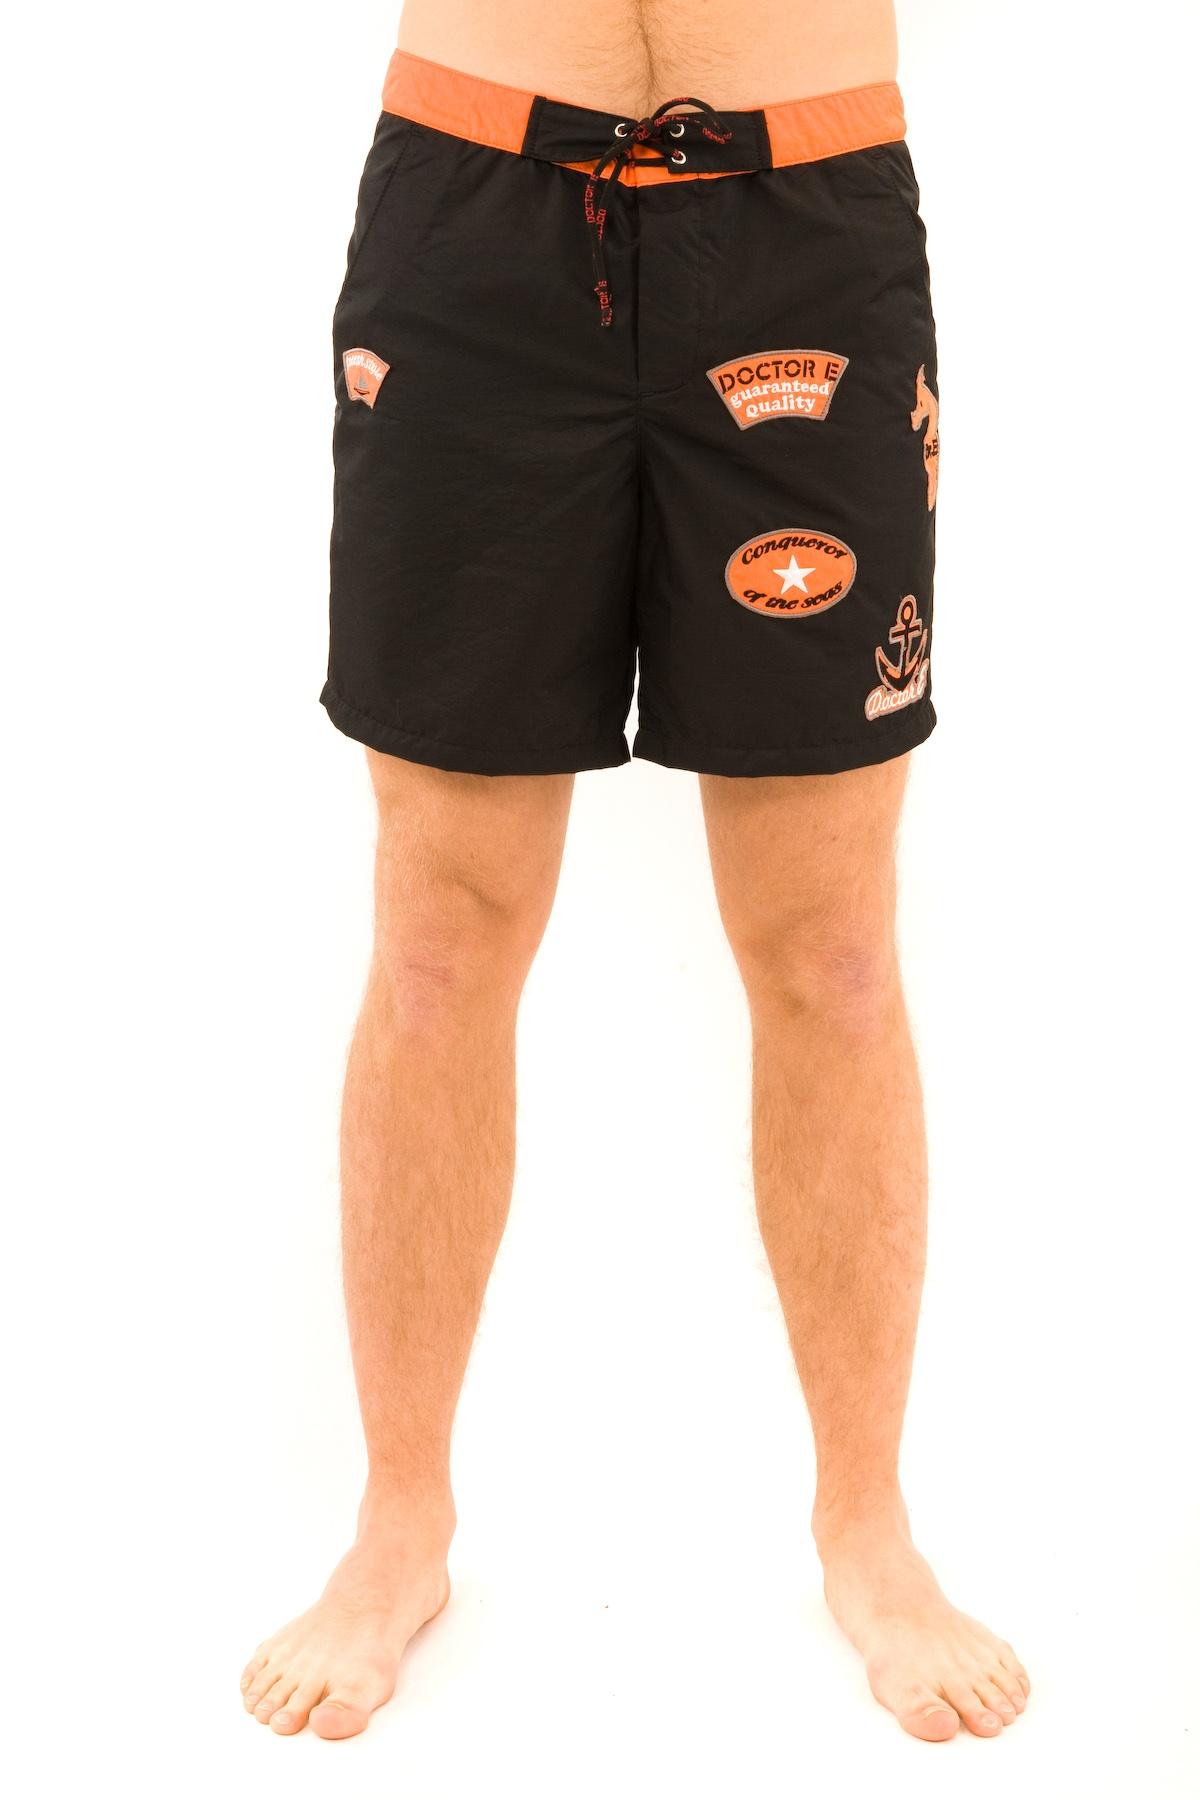 ШортыБрюки, джинсы, шорты от производителя<br>Стильные летние шорты Doctor E - возможность насладиться летом и солнцем. Яркая модель на поясе с регулируемым шнуром декорирована фирменным логотипом. Ткань не задерживает влагу и быстро сохнет - прекрасный вариант для купания!<br><br>Цвет: черный,оранжевый<br>Состав: 50% нейлон, 50% полиэстер<br>Размер: 44<br>Страна дизайна: Россия<br>Страна производства: Россия